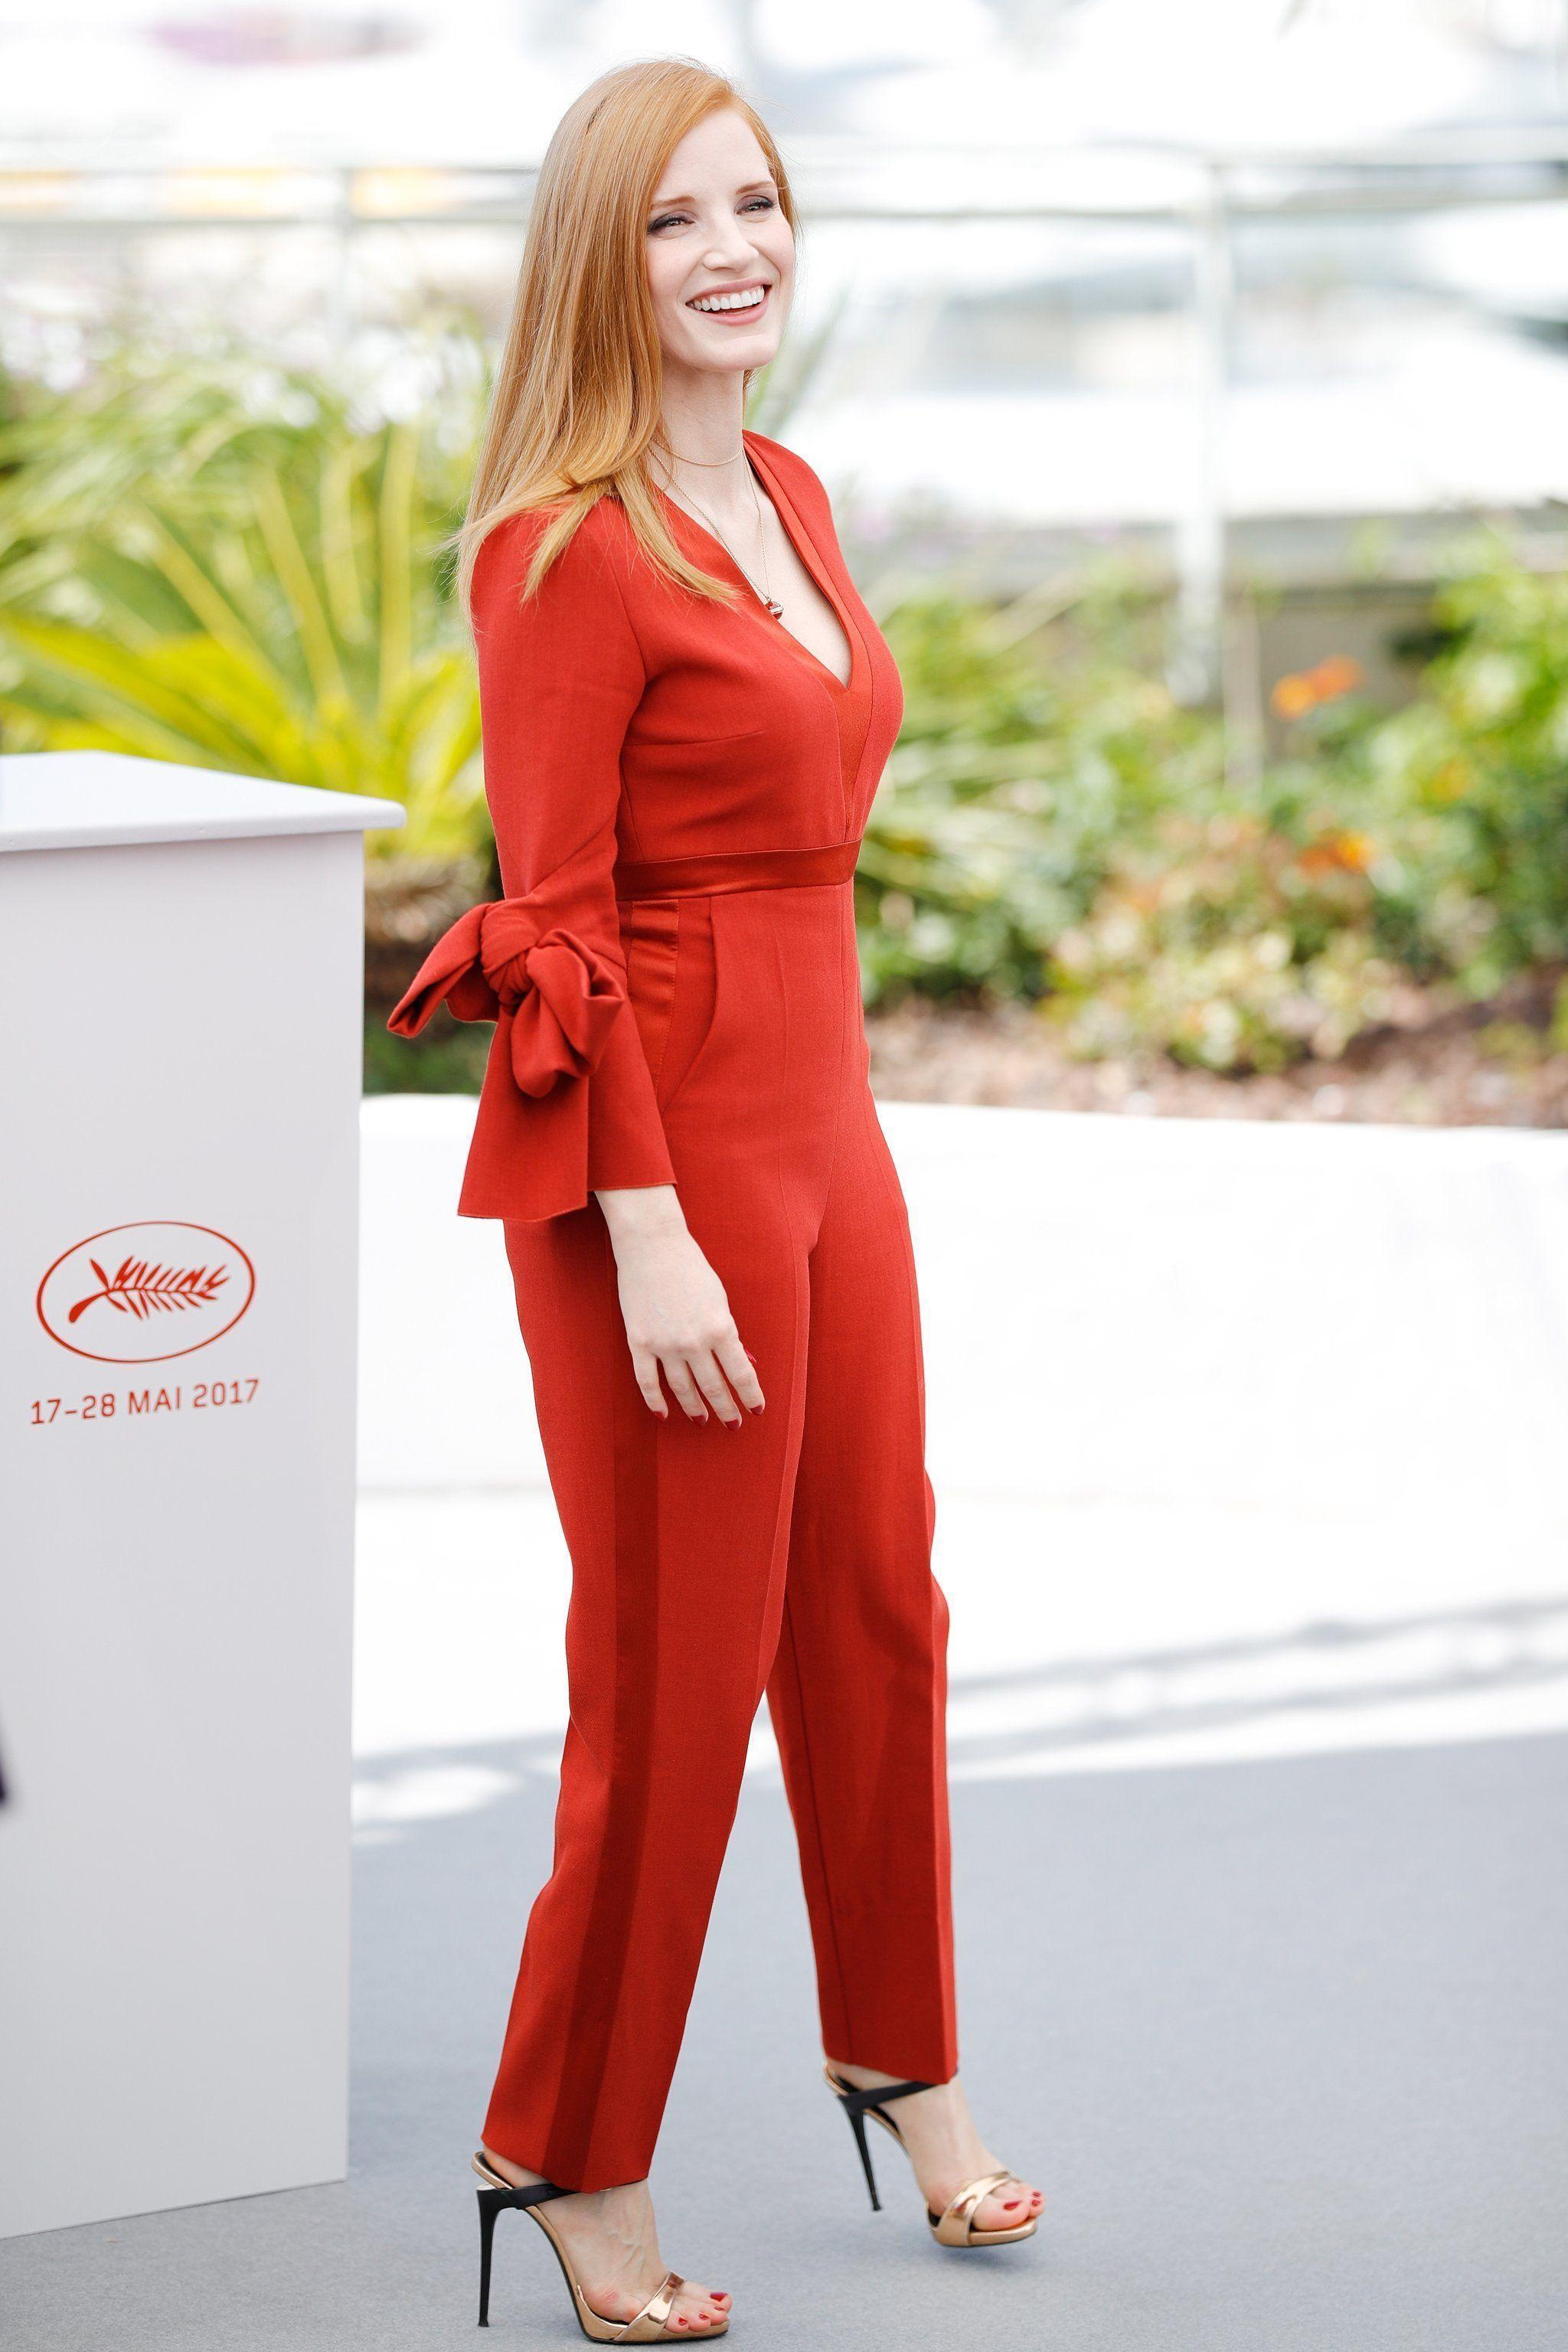 Jessica Chastain mặc jumpsuit đỏ và giày cao gót ánh vàng tại liên hoan phim cannes 2017